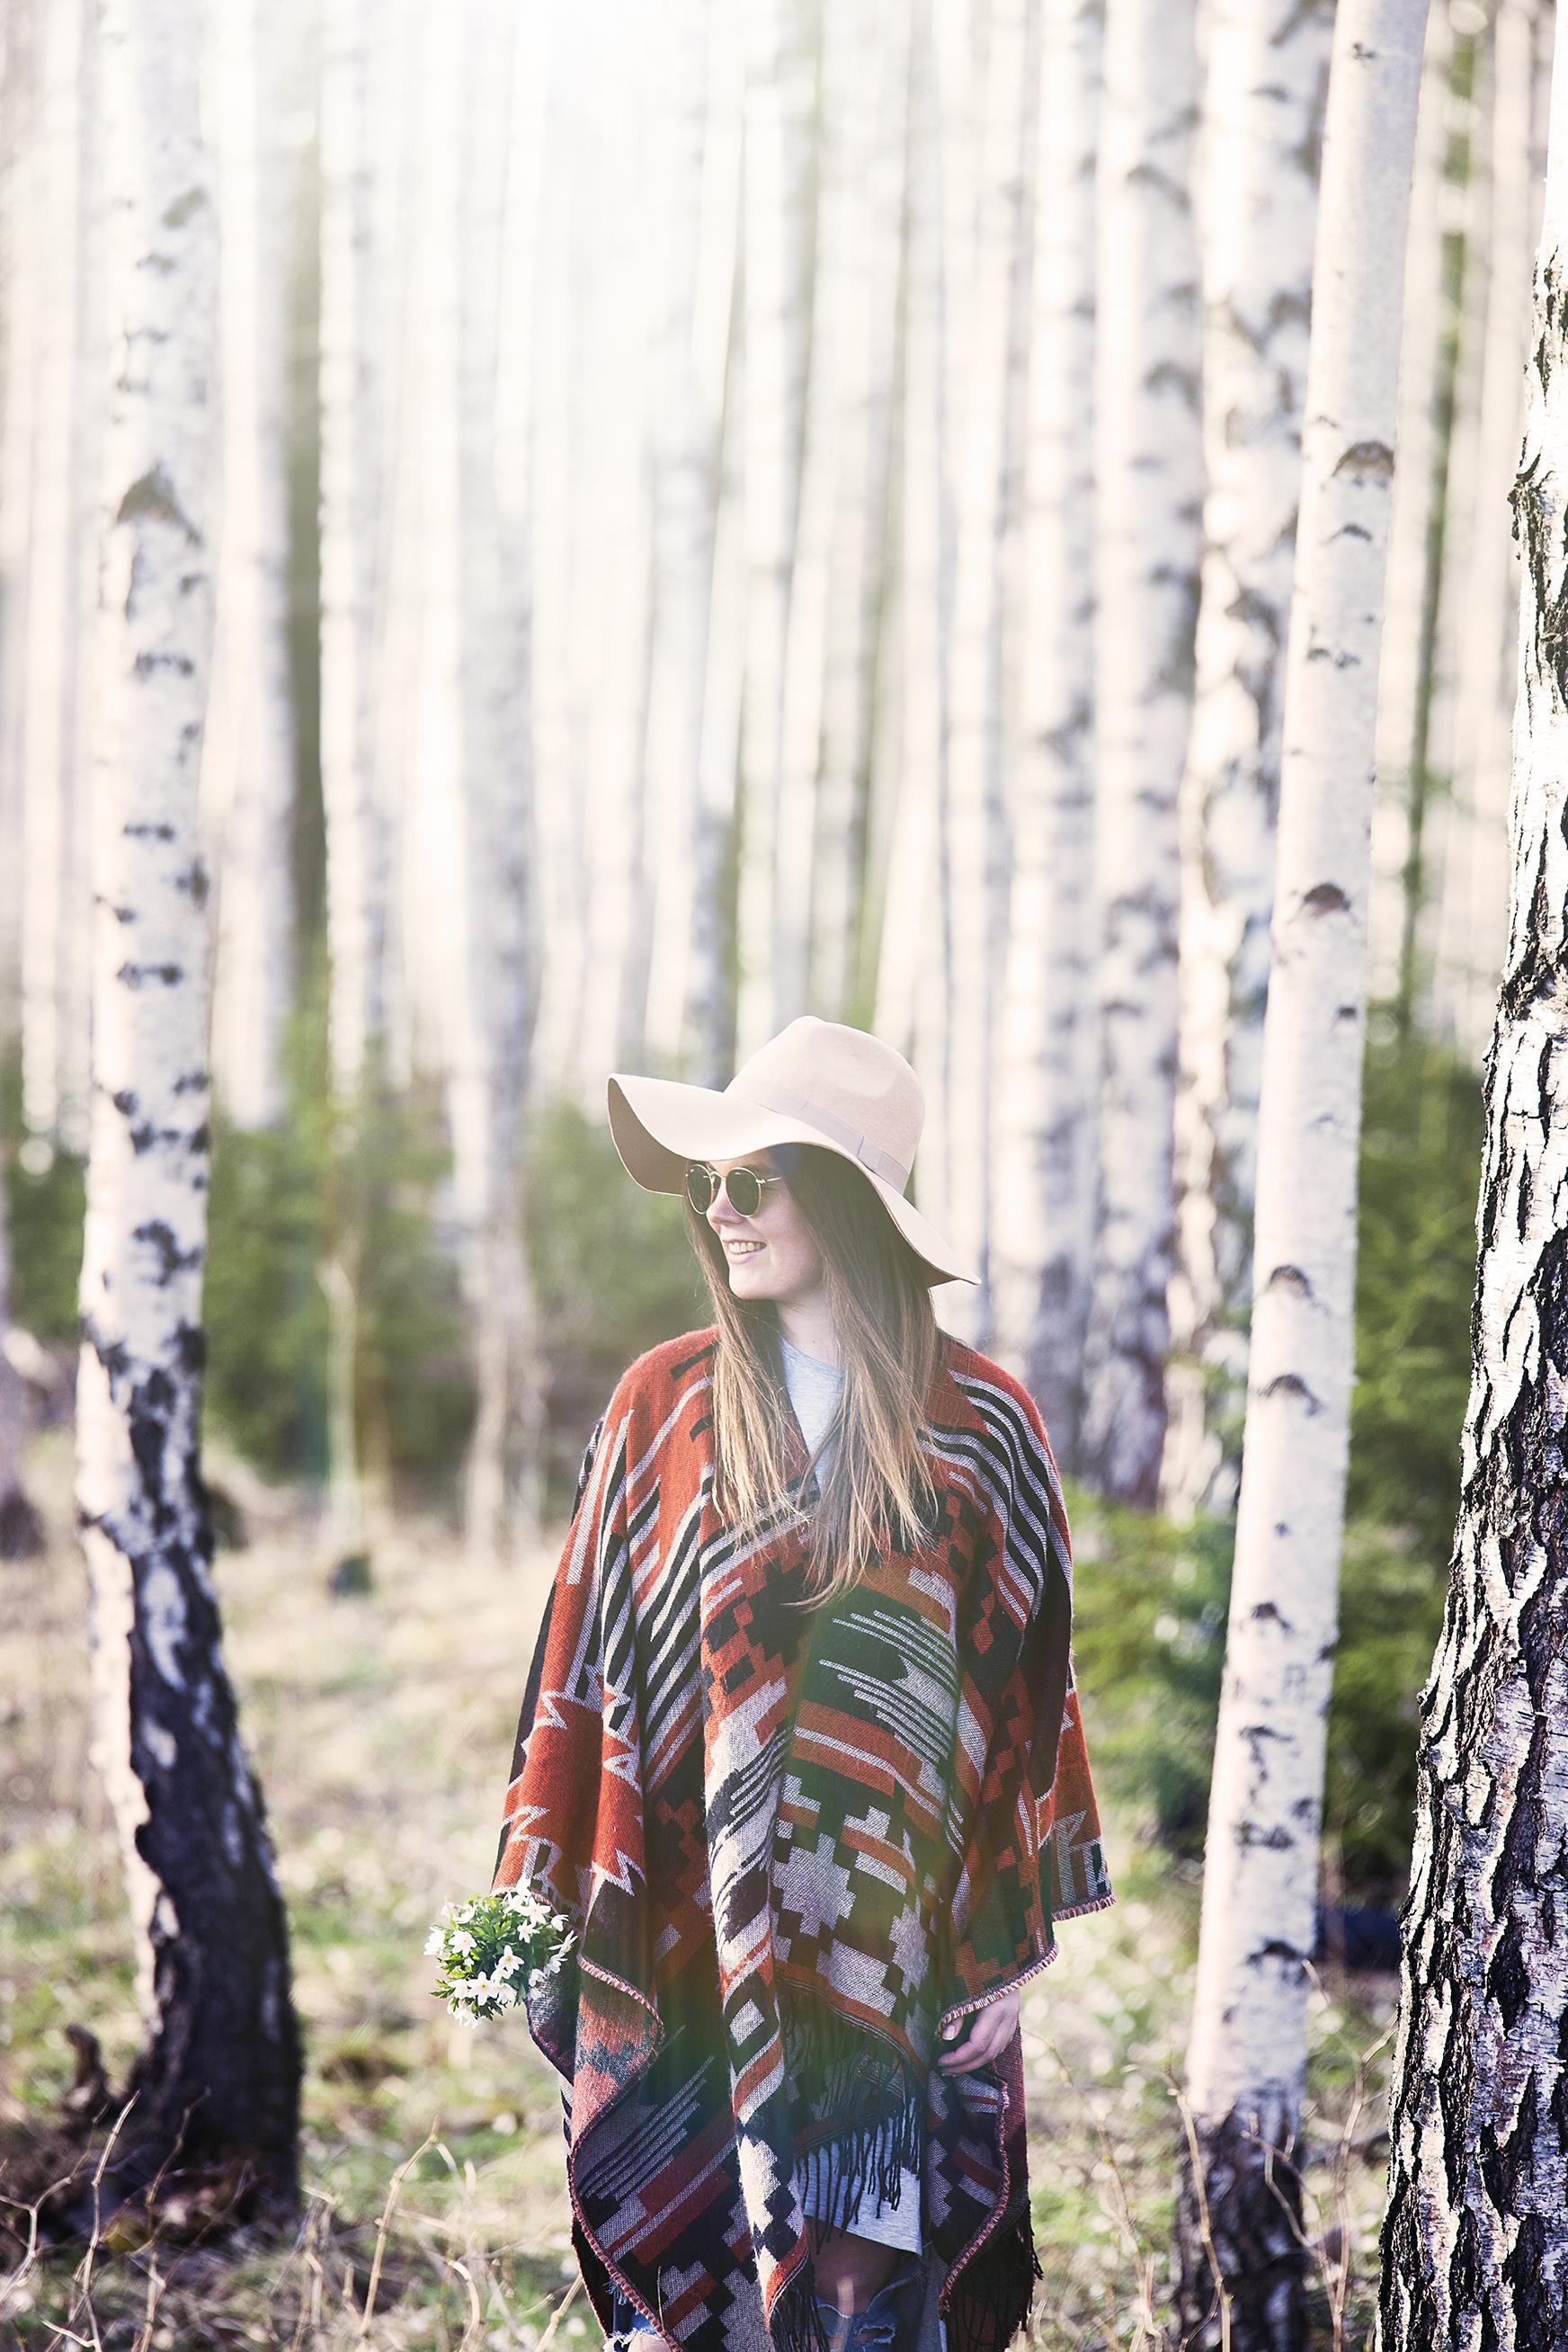 Lav sol, svak vind i håret og duften av hvitveis. Våren har for lengst meldt sin ankomst! Portrett på en av mine favoritt locations, nemlig bjørkeskogen. Fine Hanne Lucy!